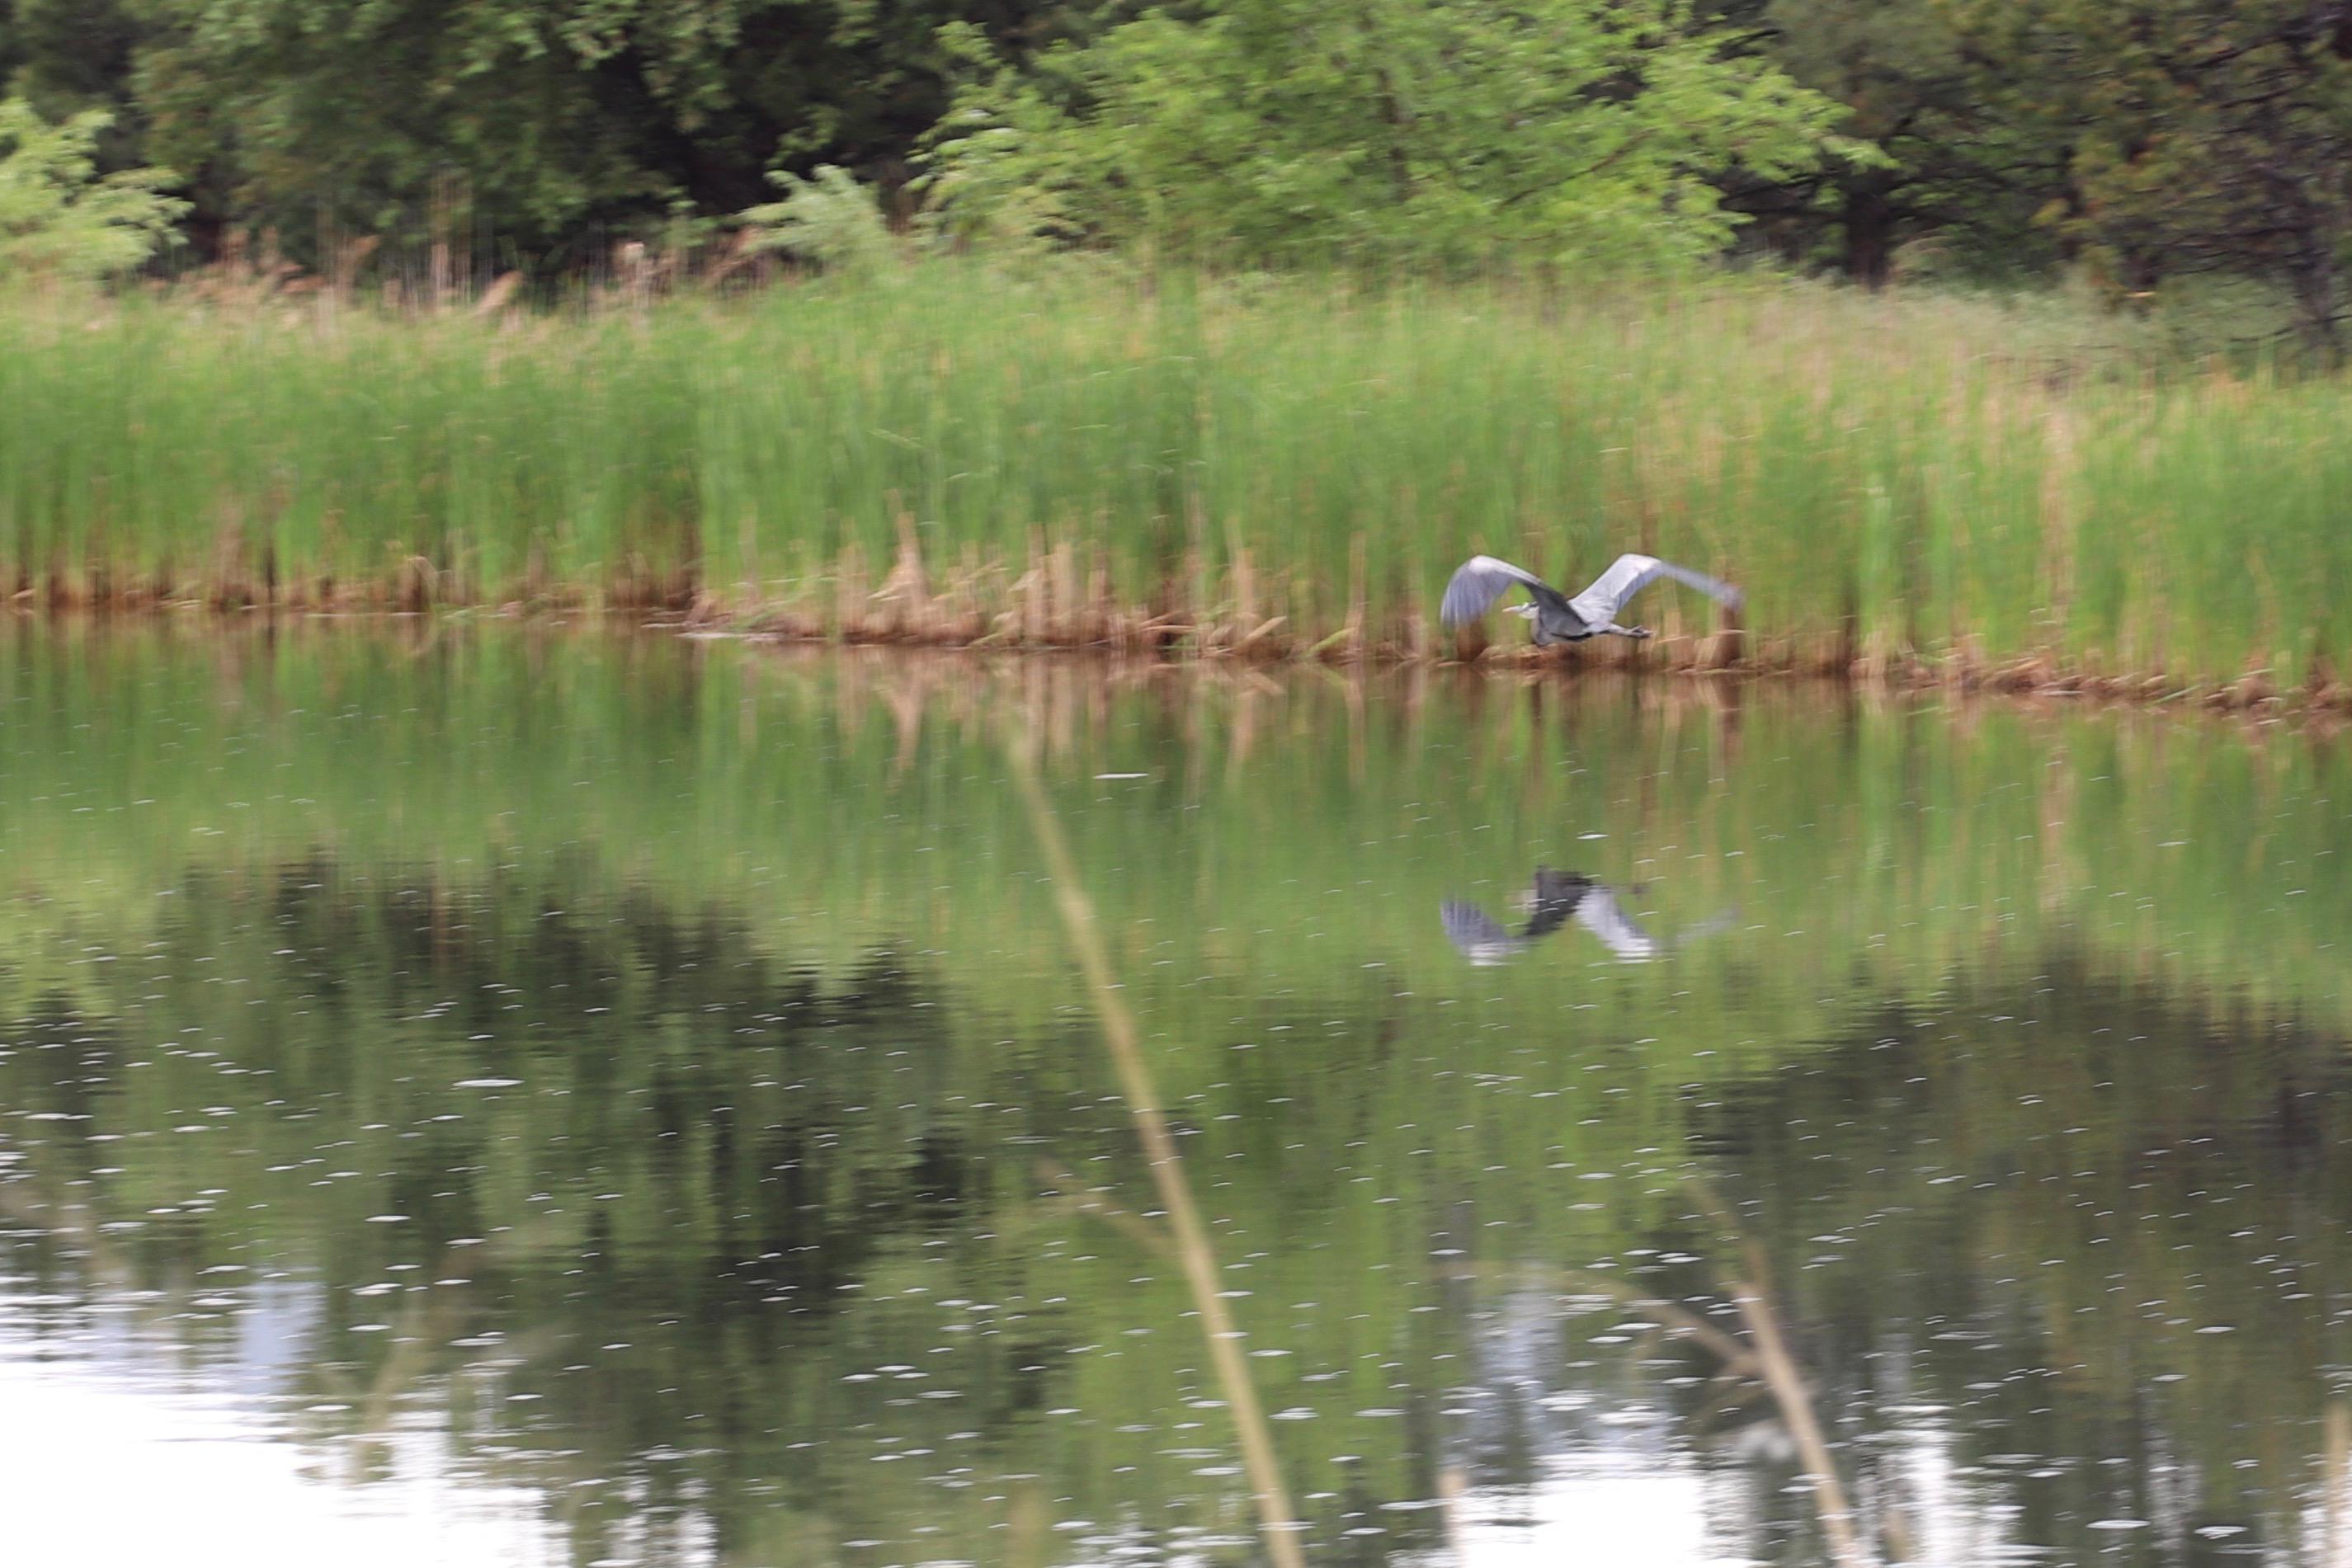 Blue Heron flying over pond